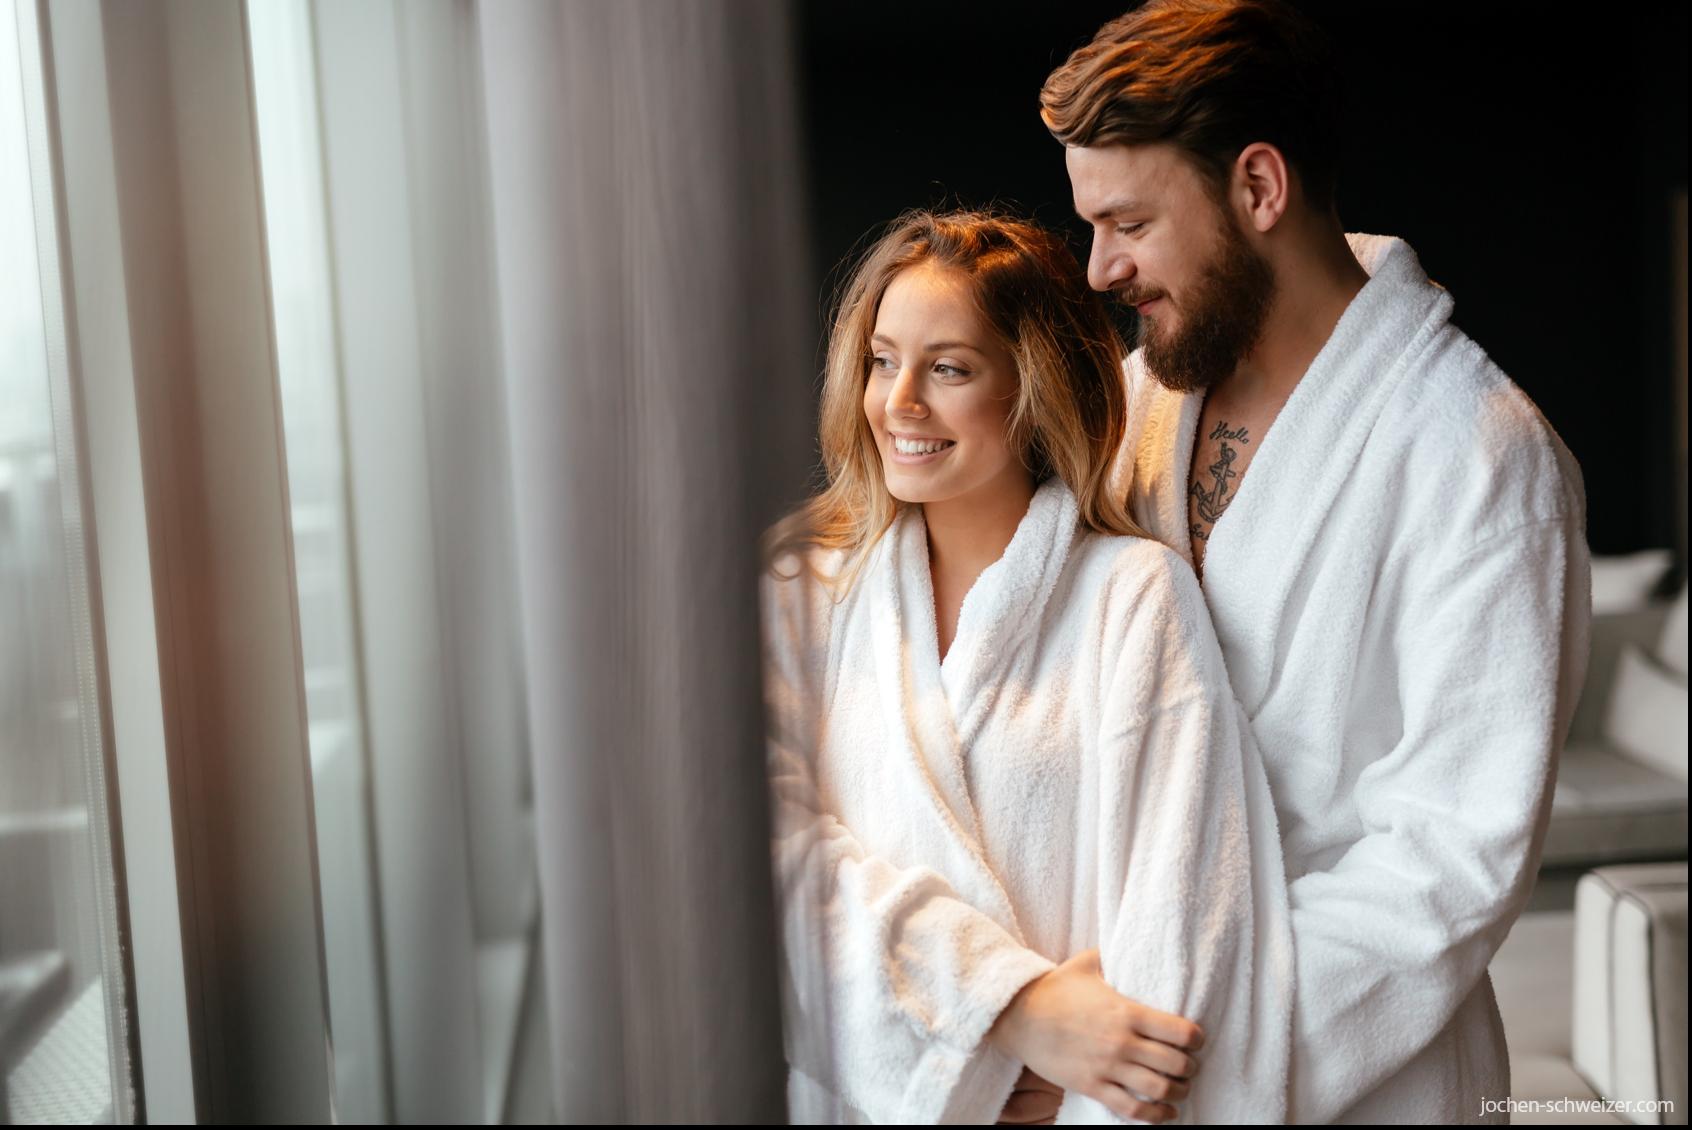 Wahlgutschein Relax Urlaub Fur 2 Hochzeitsgeschenke Urlaub